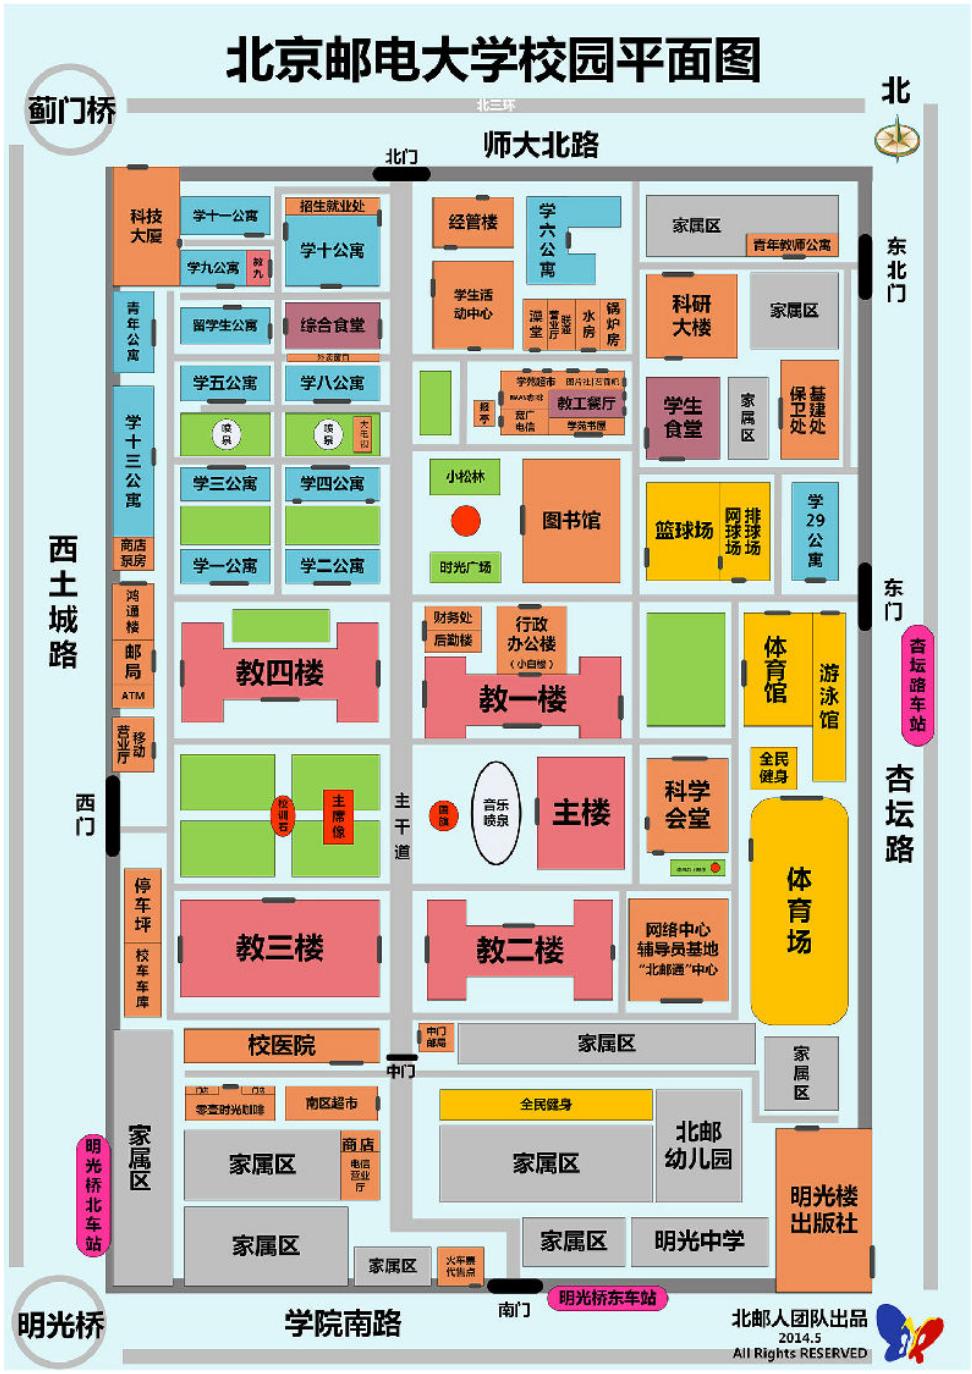 北邮校园平面图